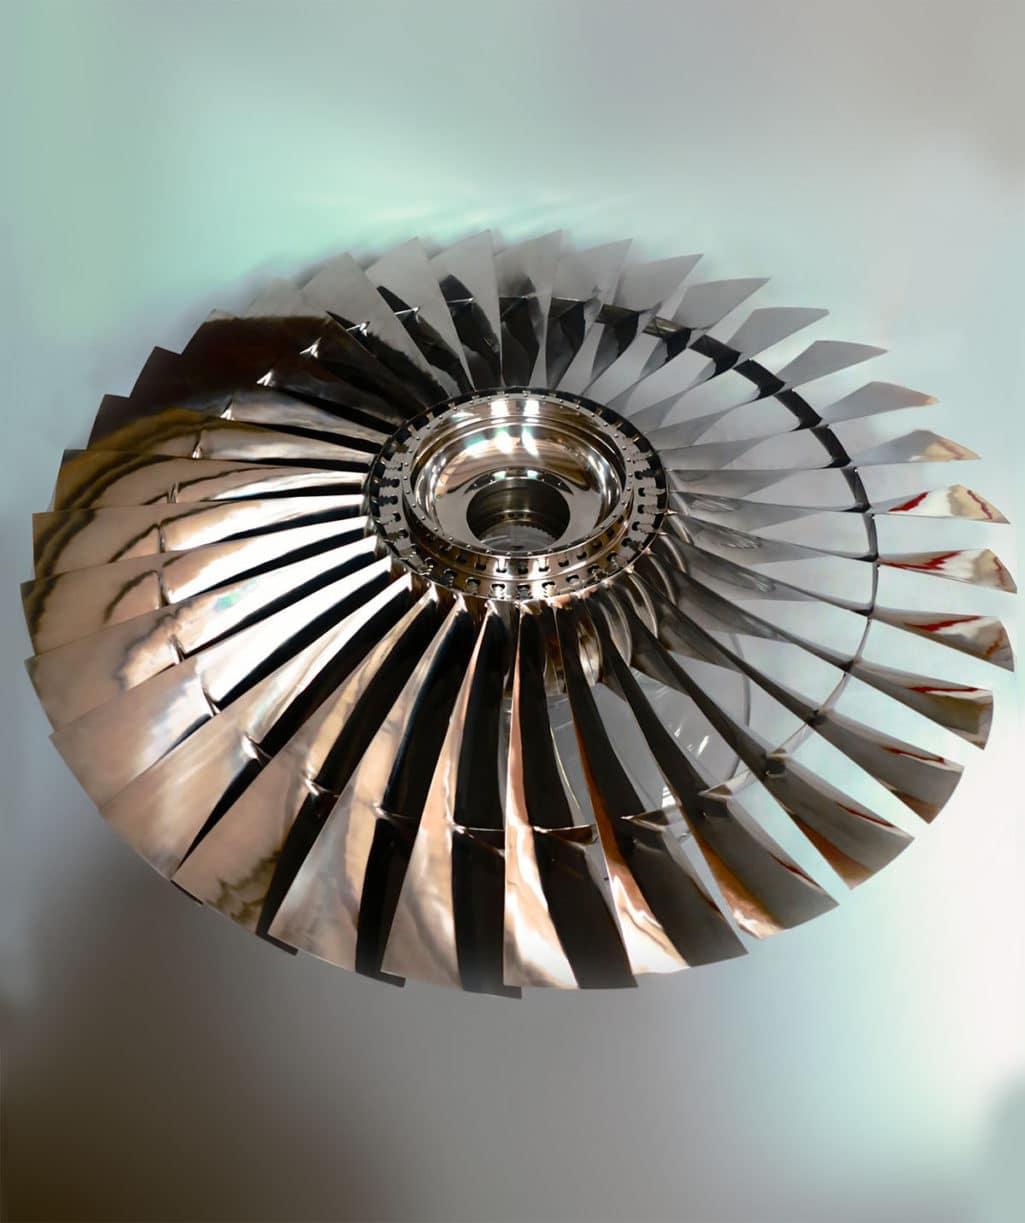 Rolls Royce 747 Fan Blade Centre Table